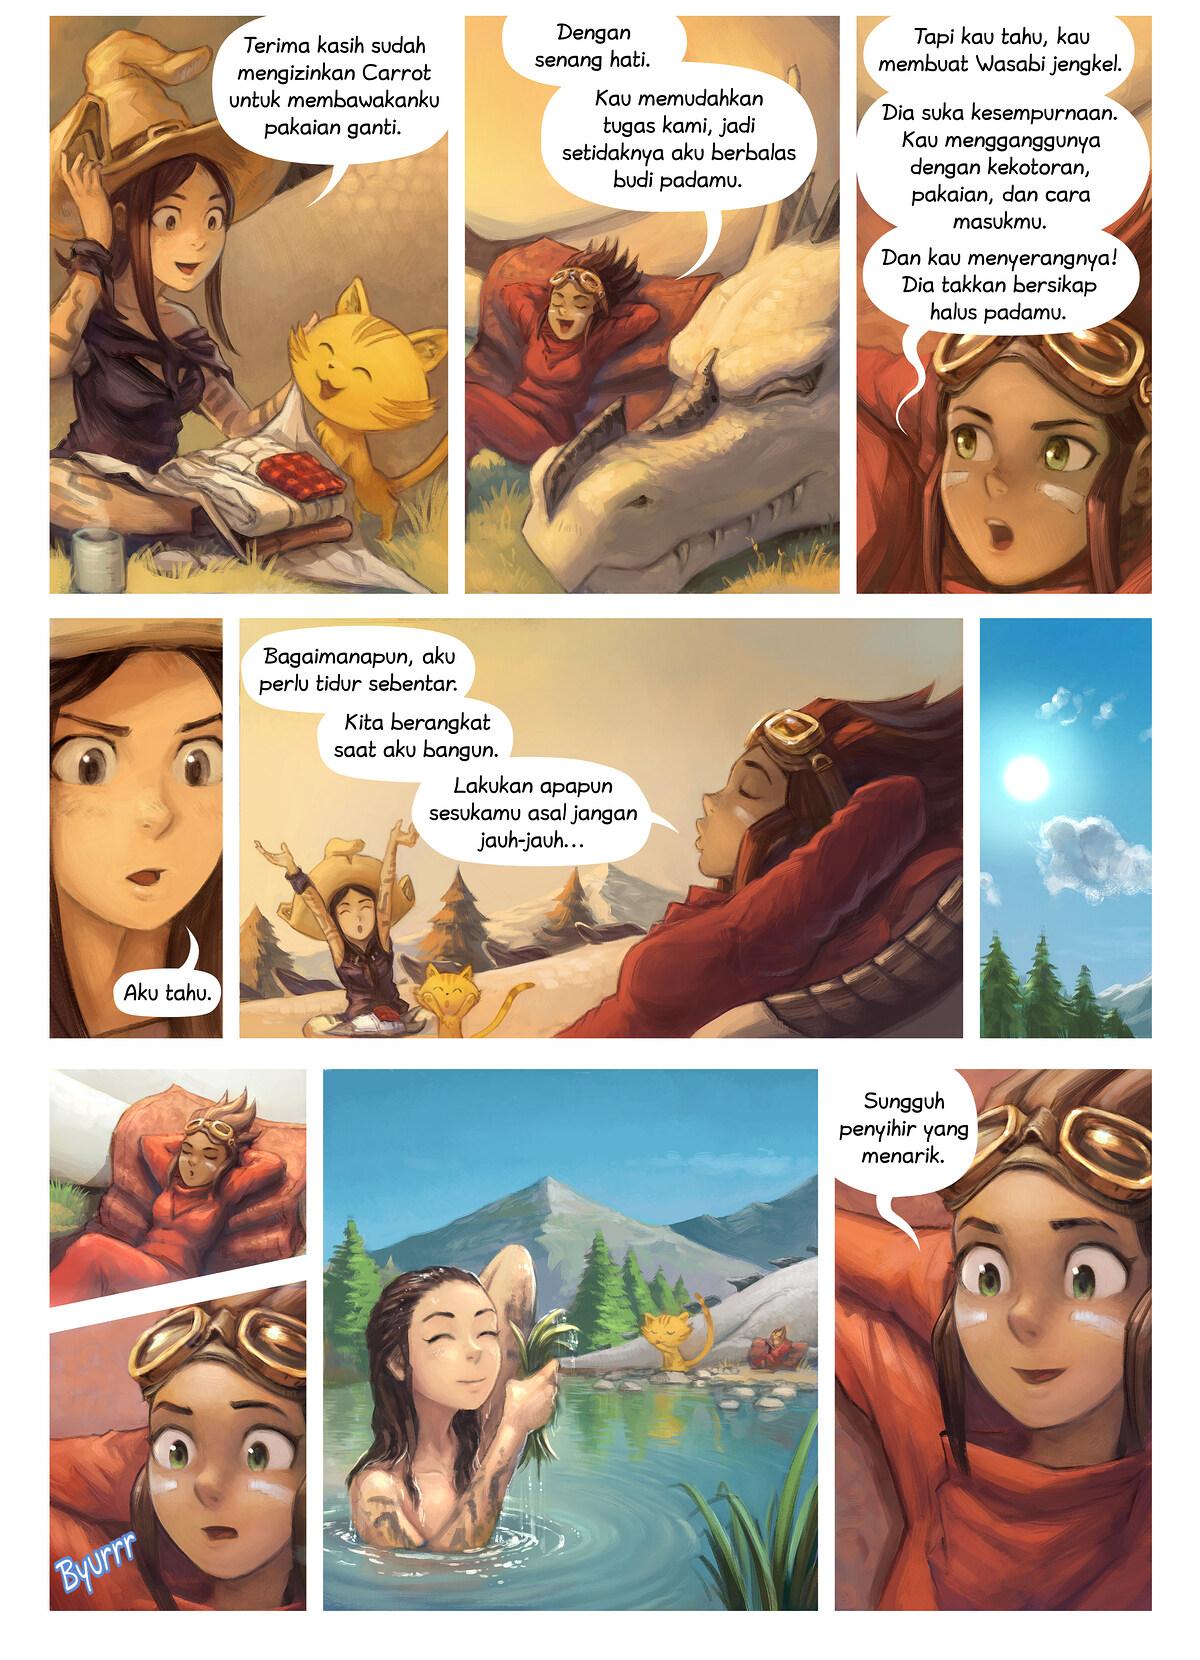 Episode 35: Refleksi, Page 11